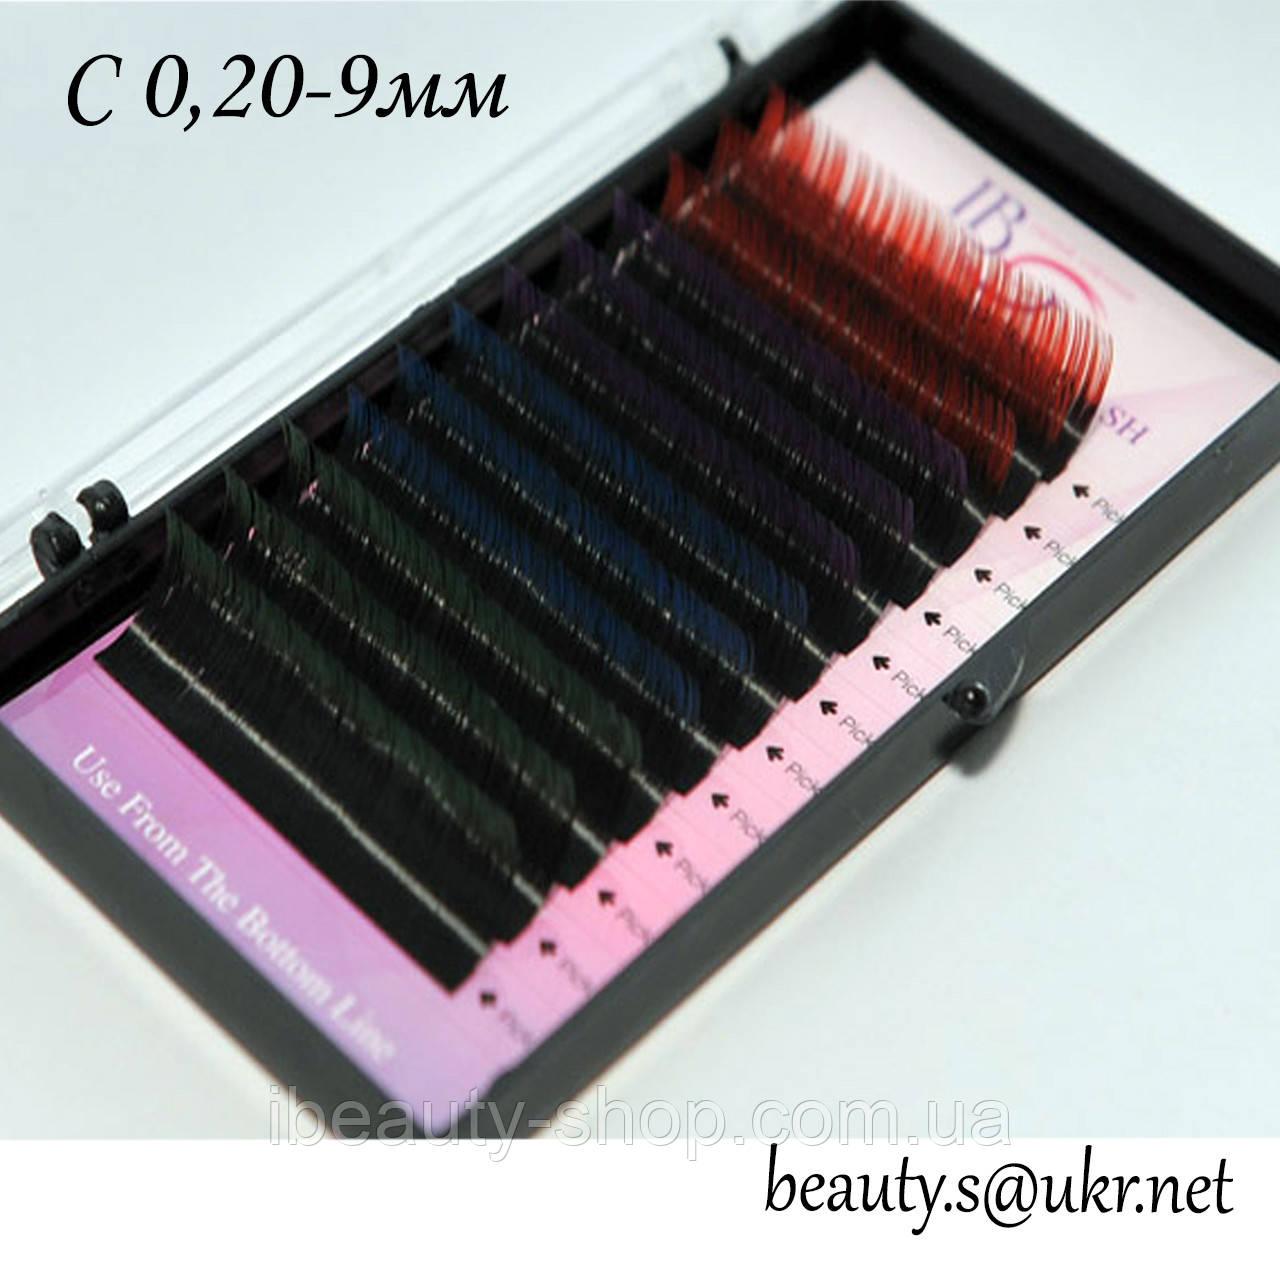 Вії I-Beauty, З 0,20-9мм,кольорові кінці,4 кольори